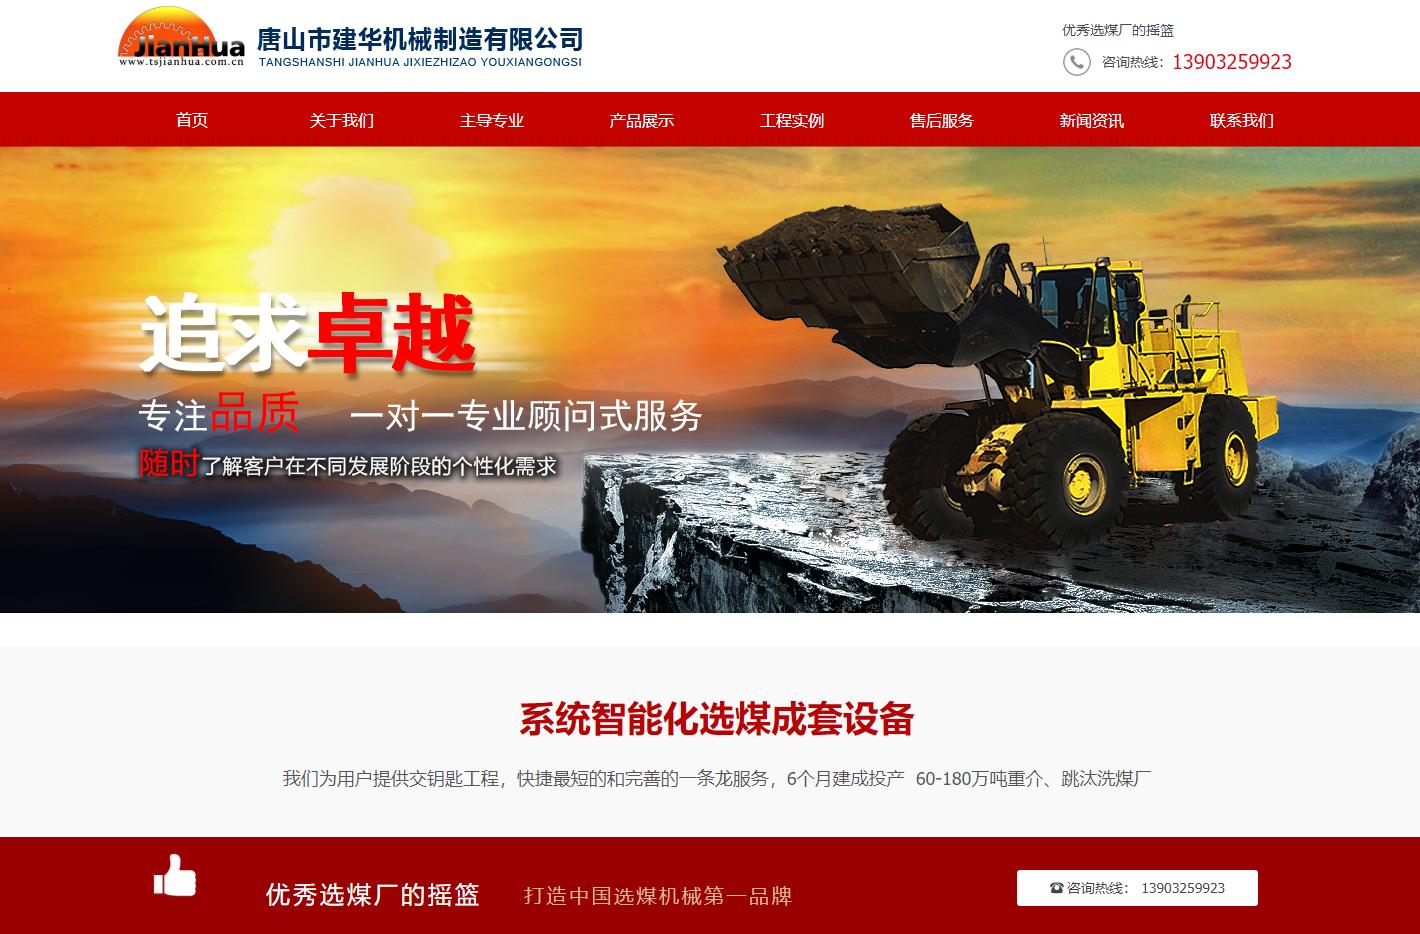 唐山建華機械造有限公司